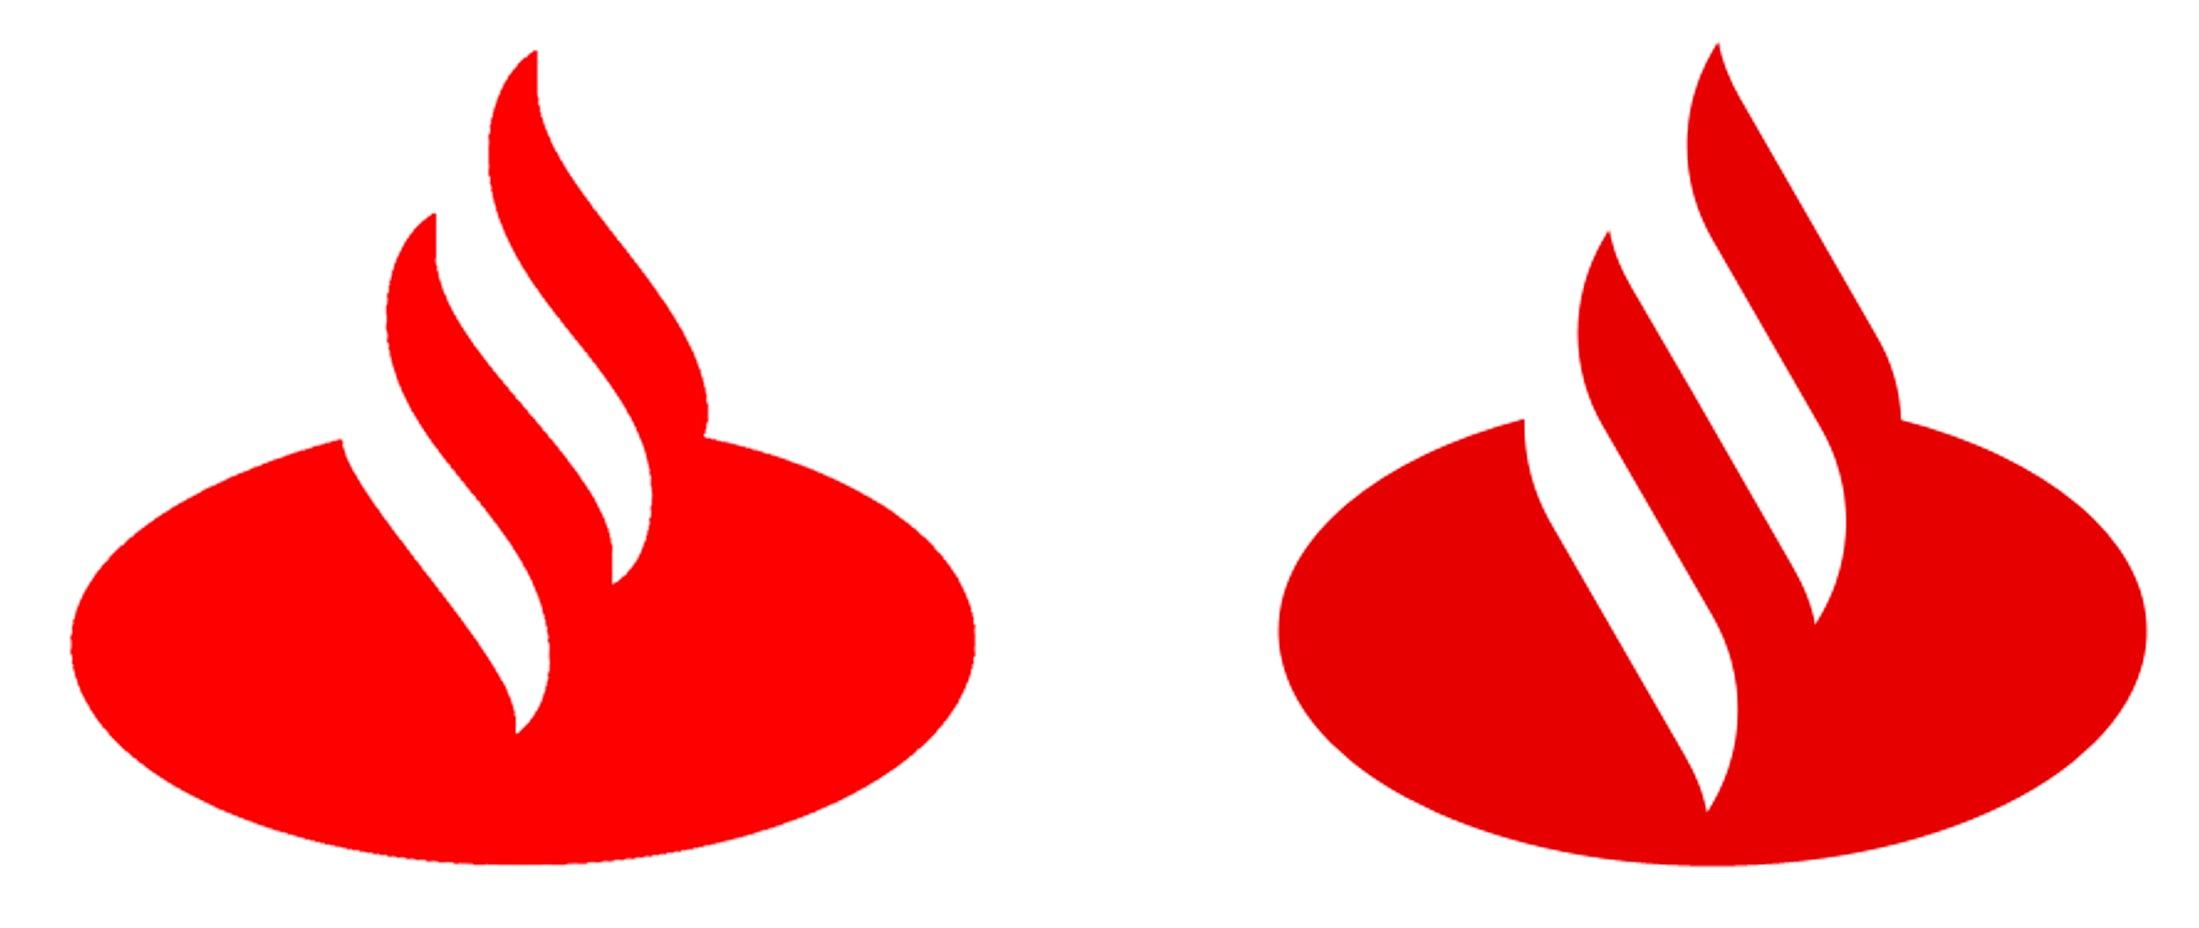 old vs new santander logo